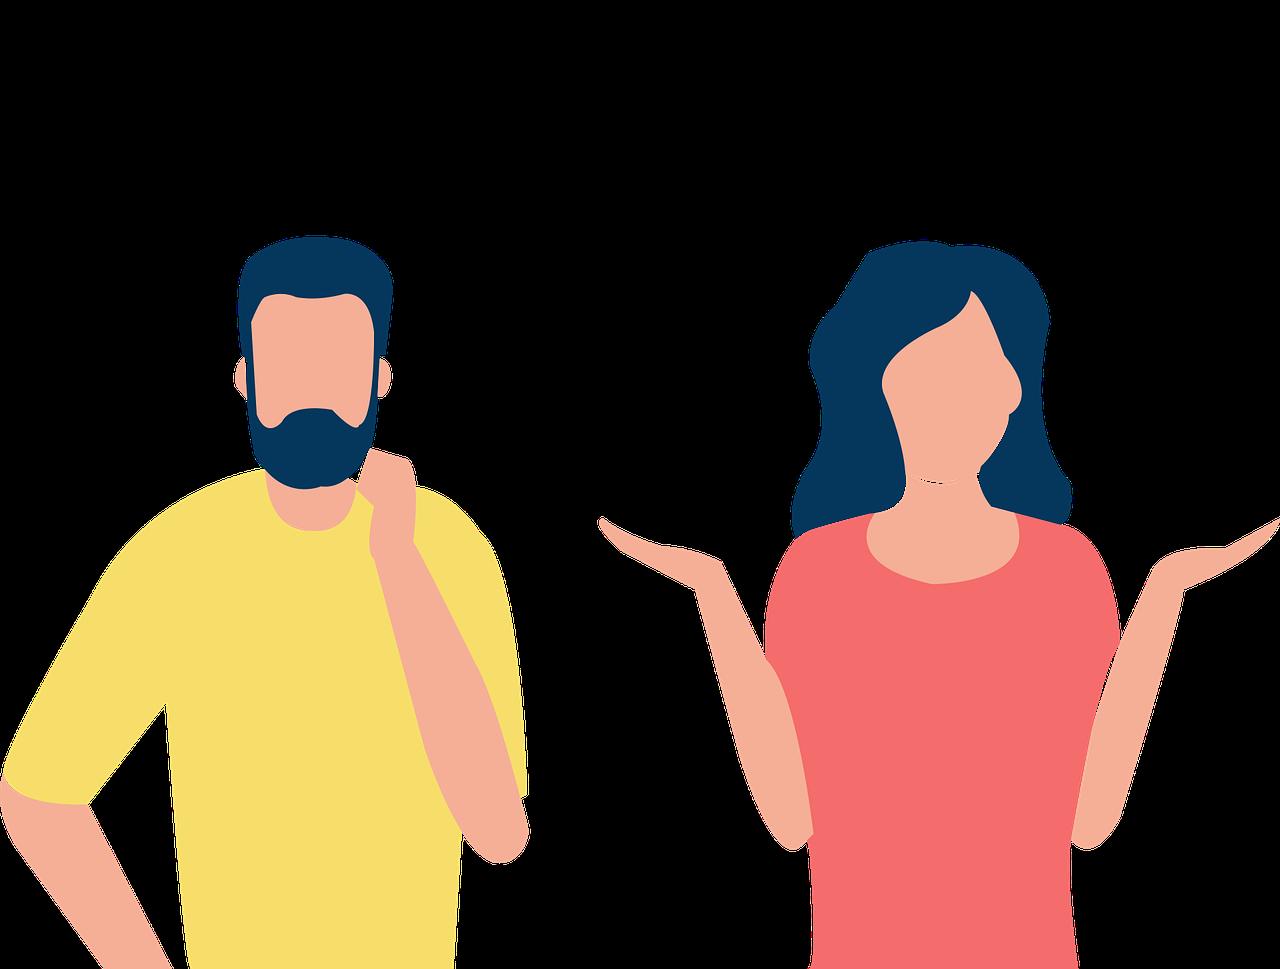 Mann-Frau-Fragezeichen